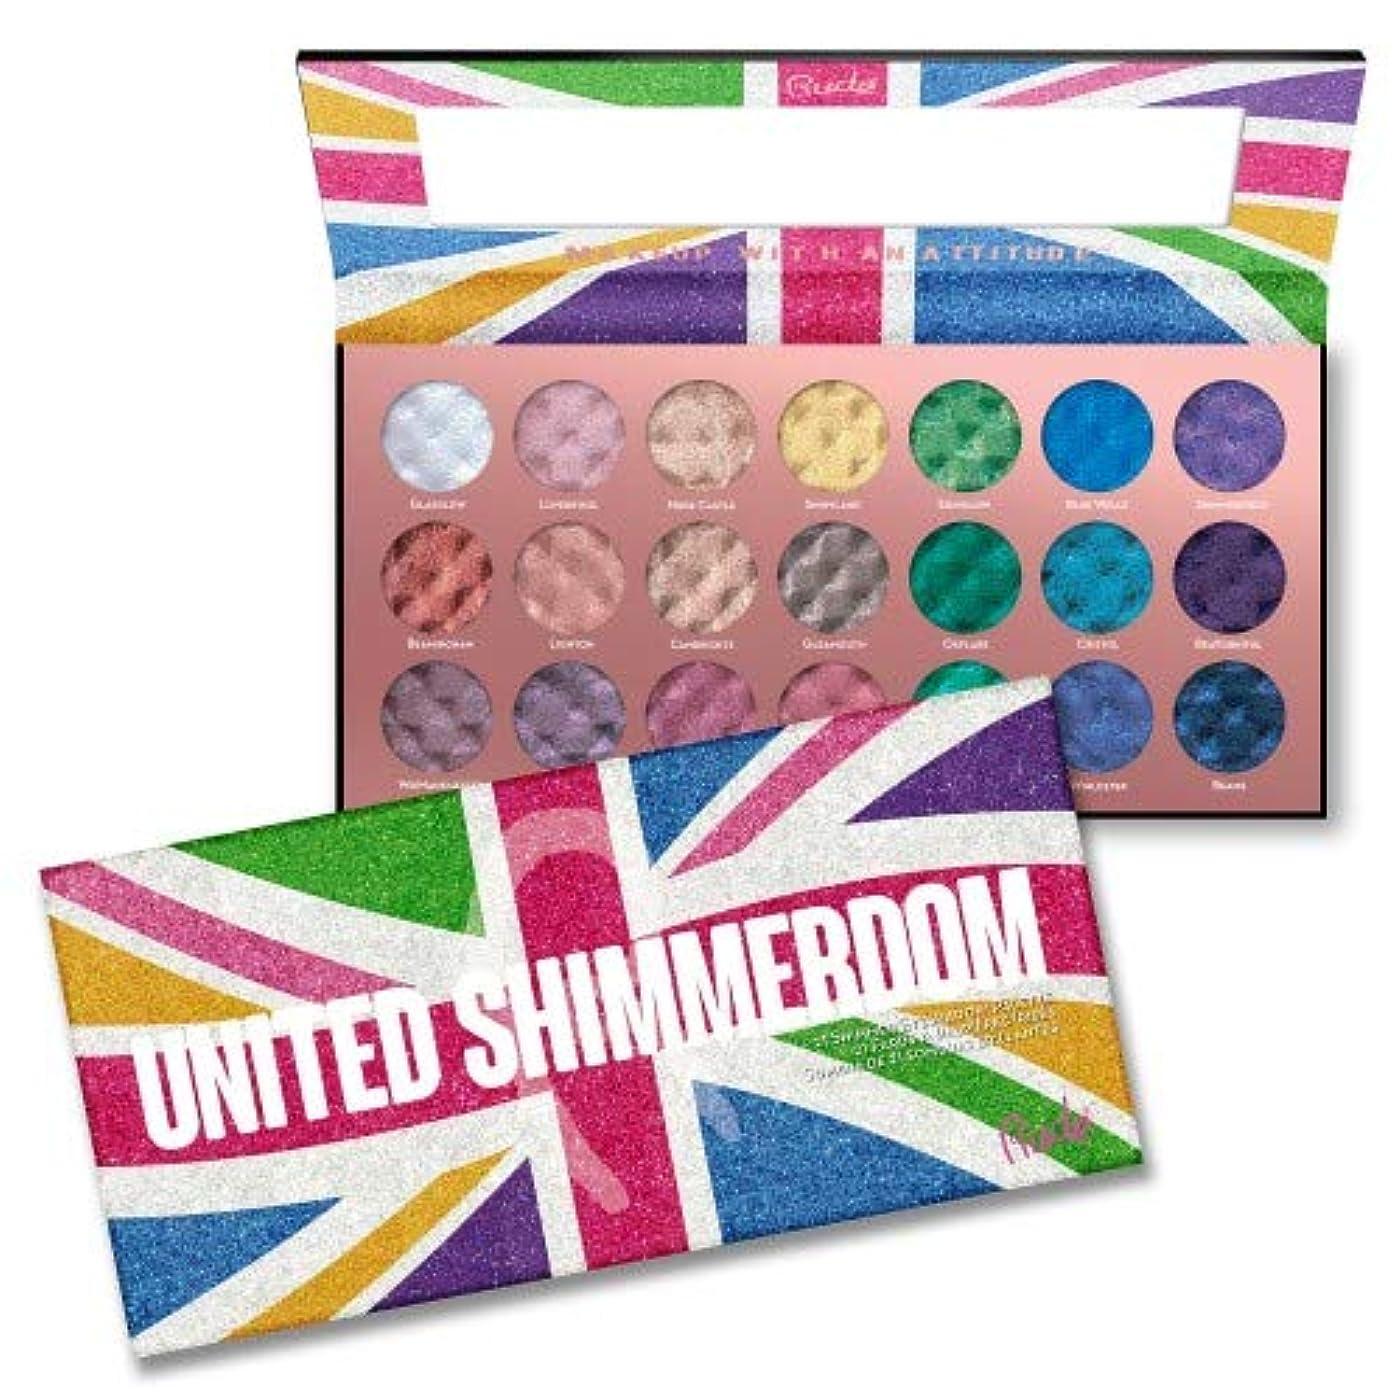 むき出しにんじん空の(6 Pack) RUDE United Shimmerdom - 21 Shimmer Eyeshadow Palette (並行輸入品)